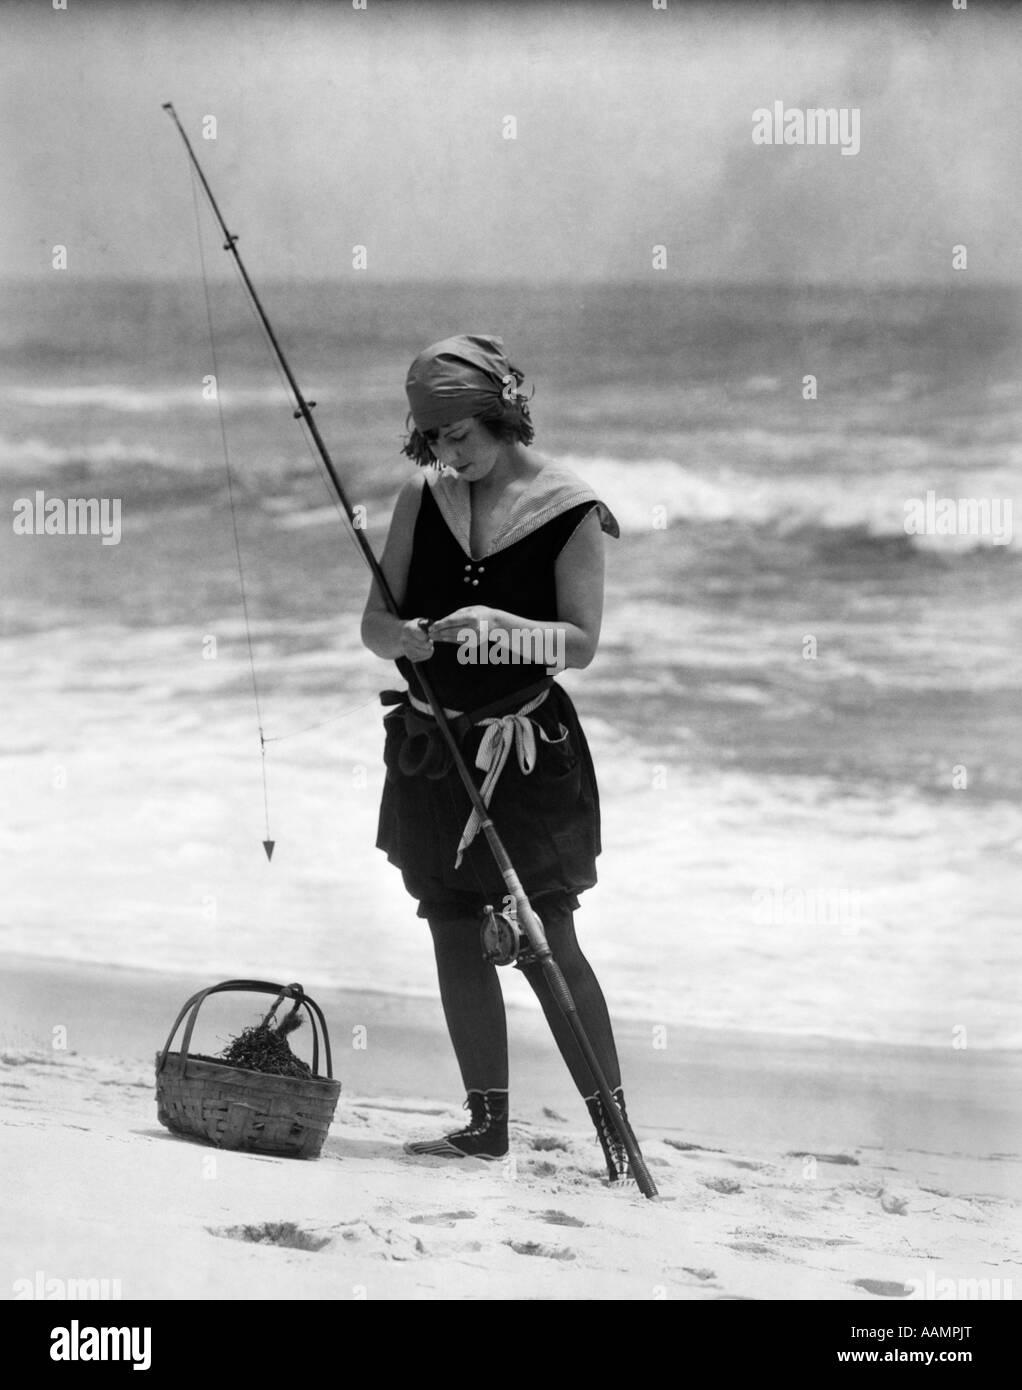 Années 1920 FEMME EN MAILLOT COSTUME STANDING ON BEACH PUTTING APPÂT SUR POTEAU DE PÊCHE SURF Photo Stock